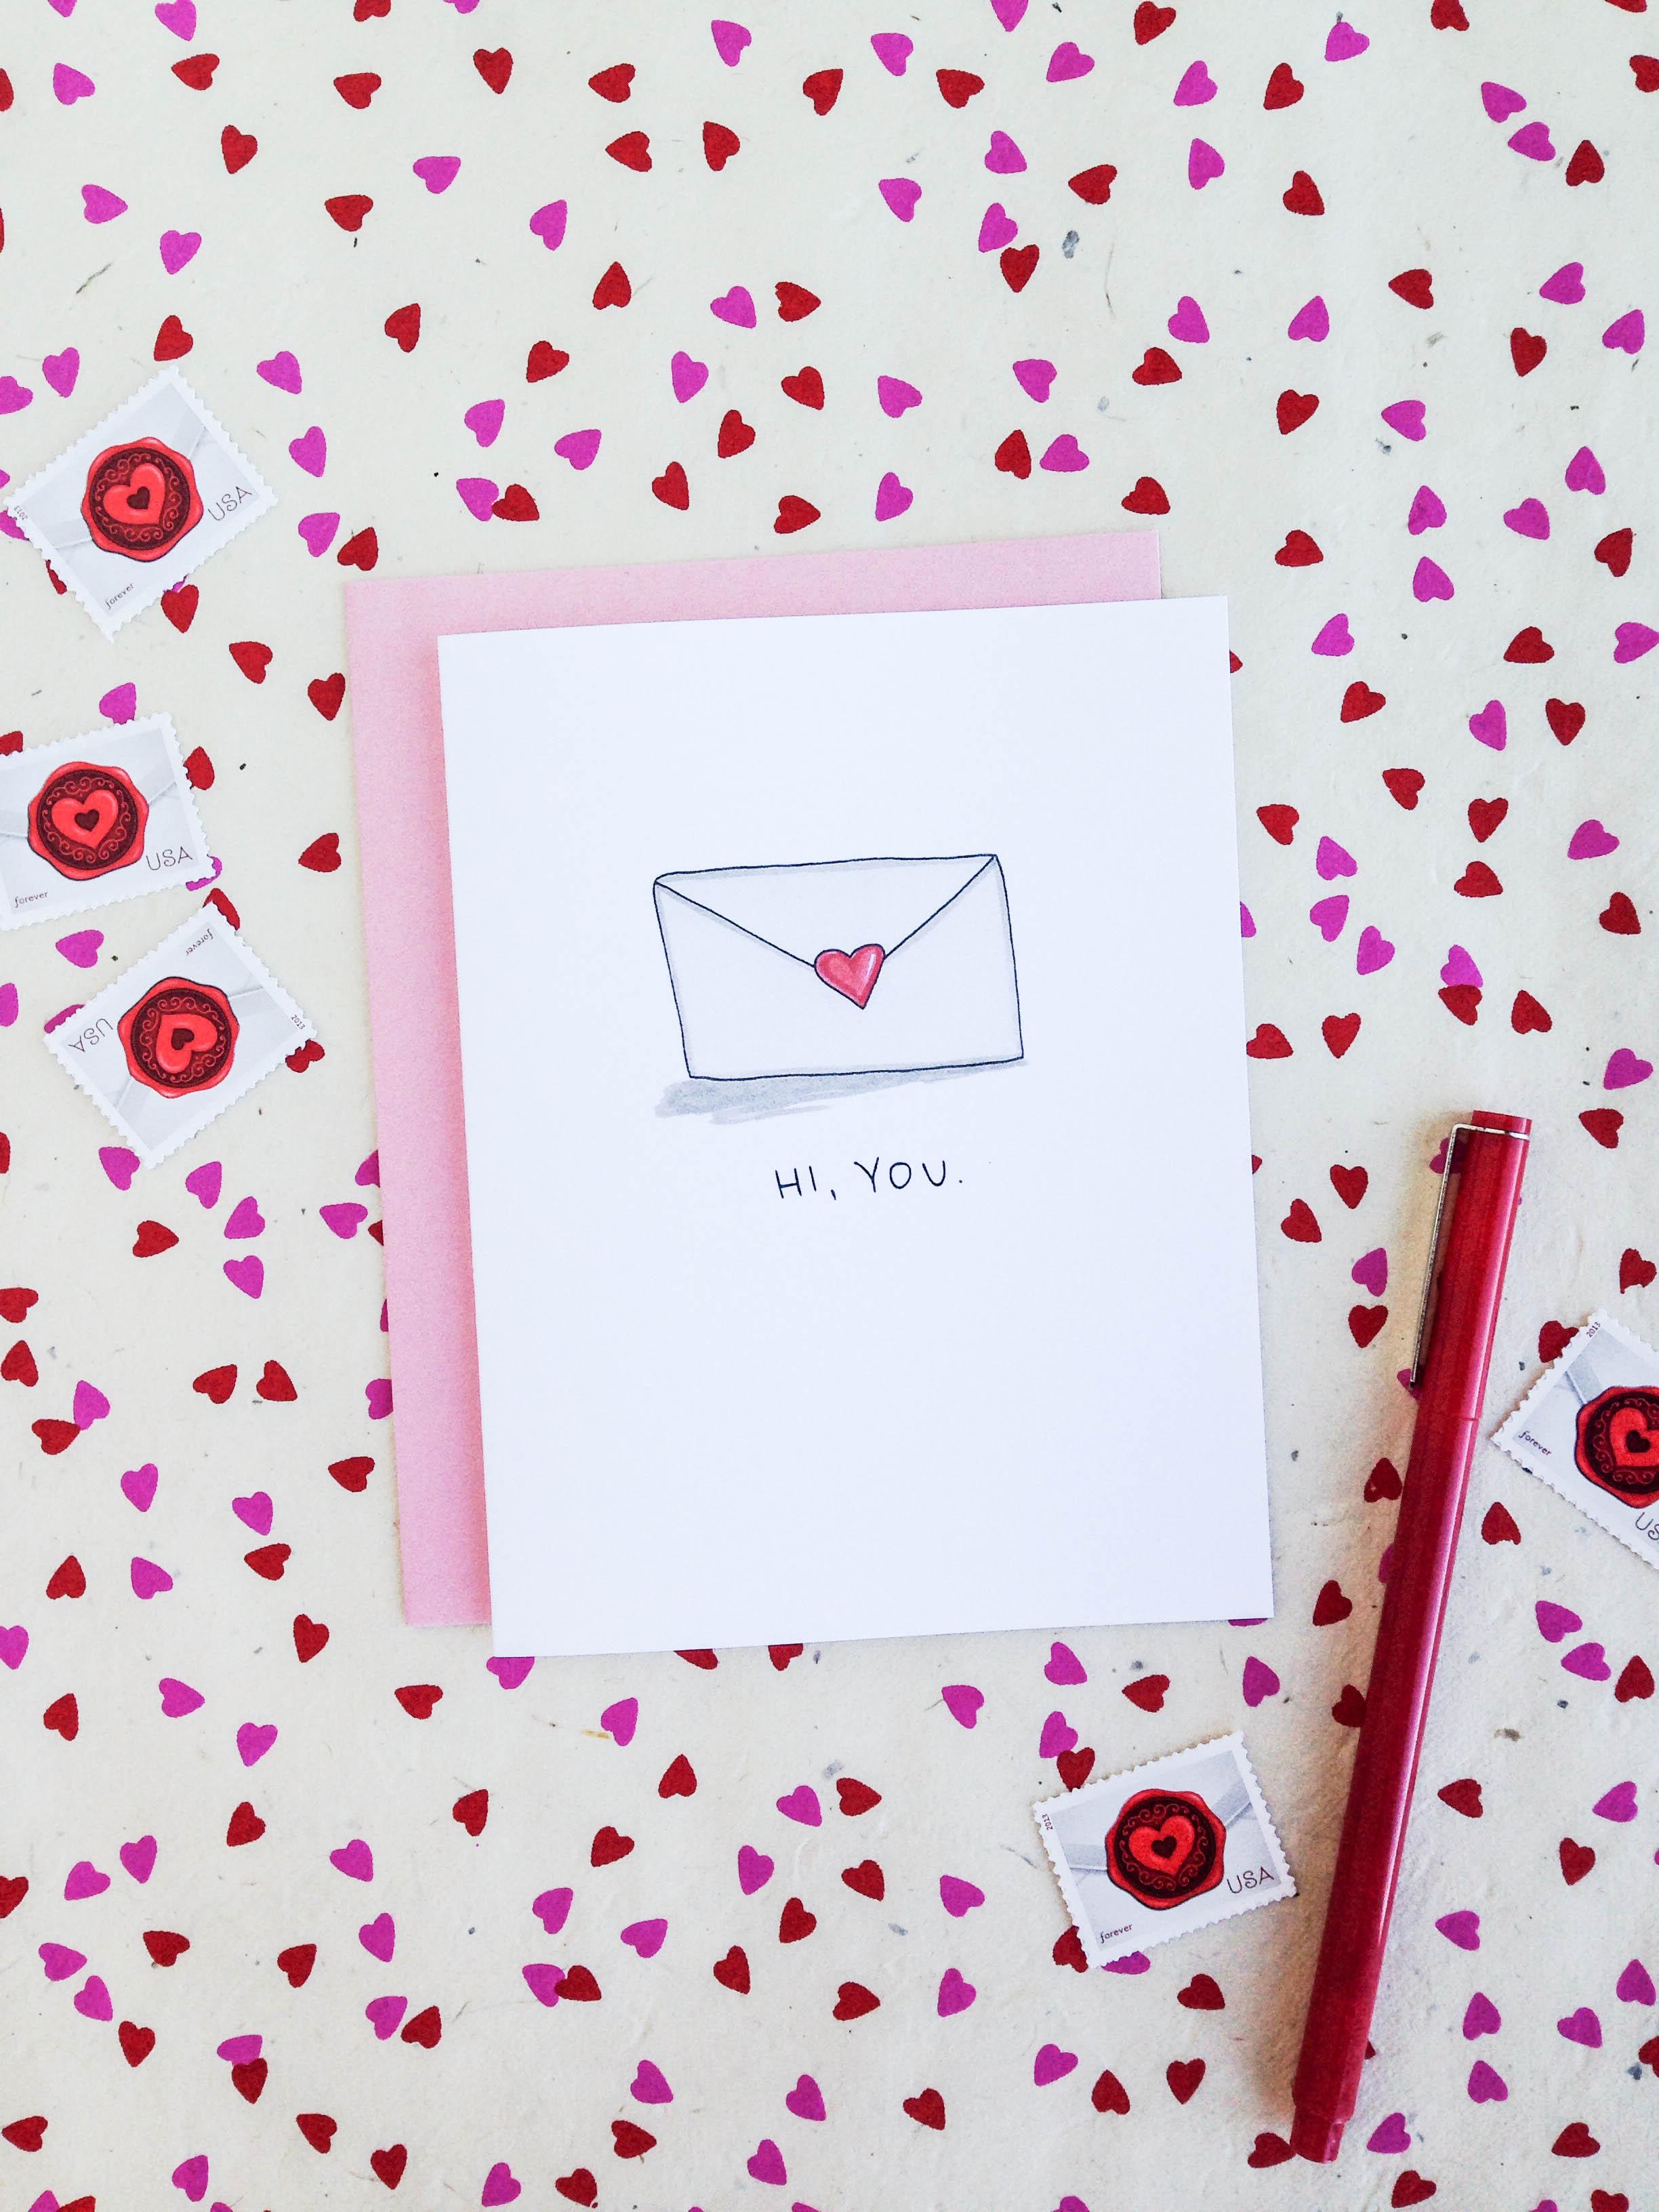 Hi, You. Card